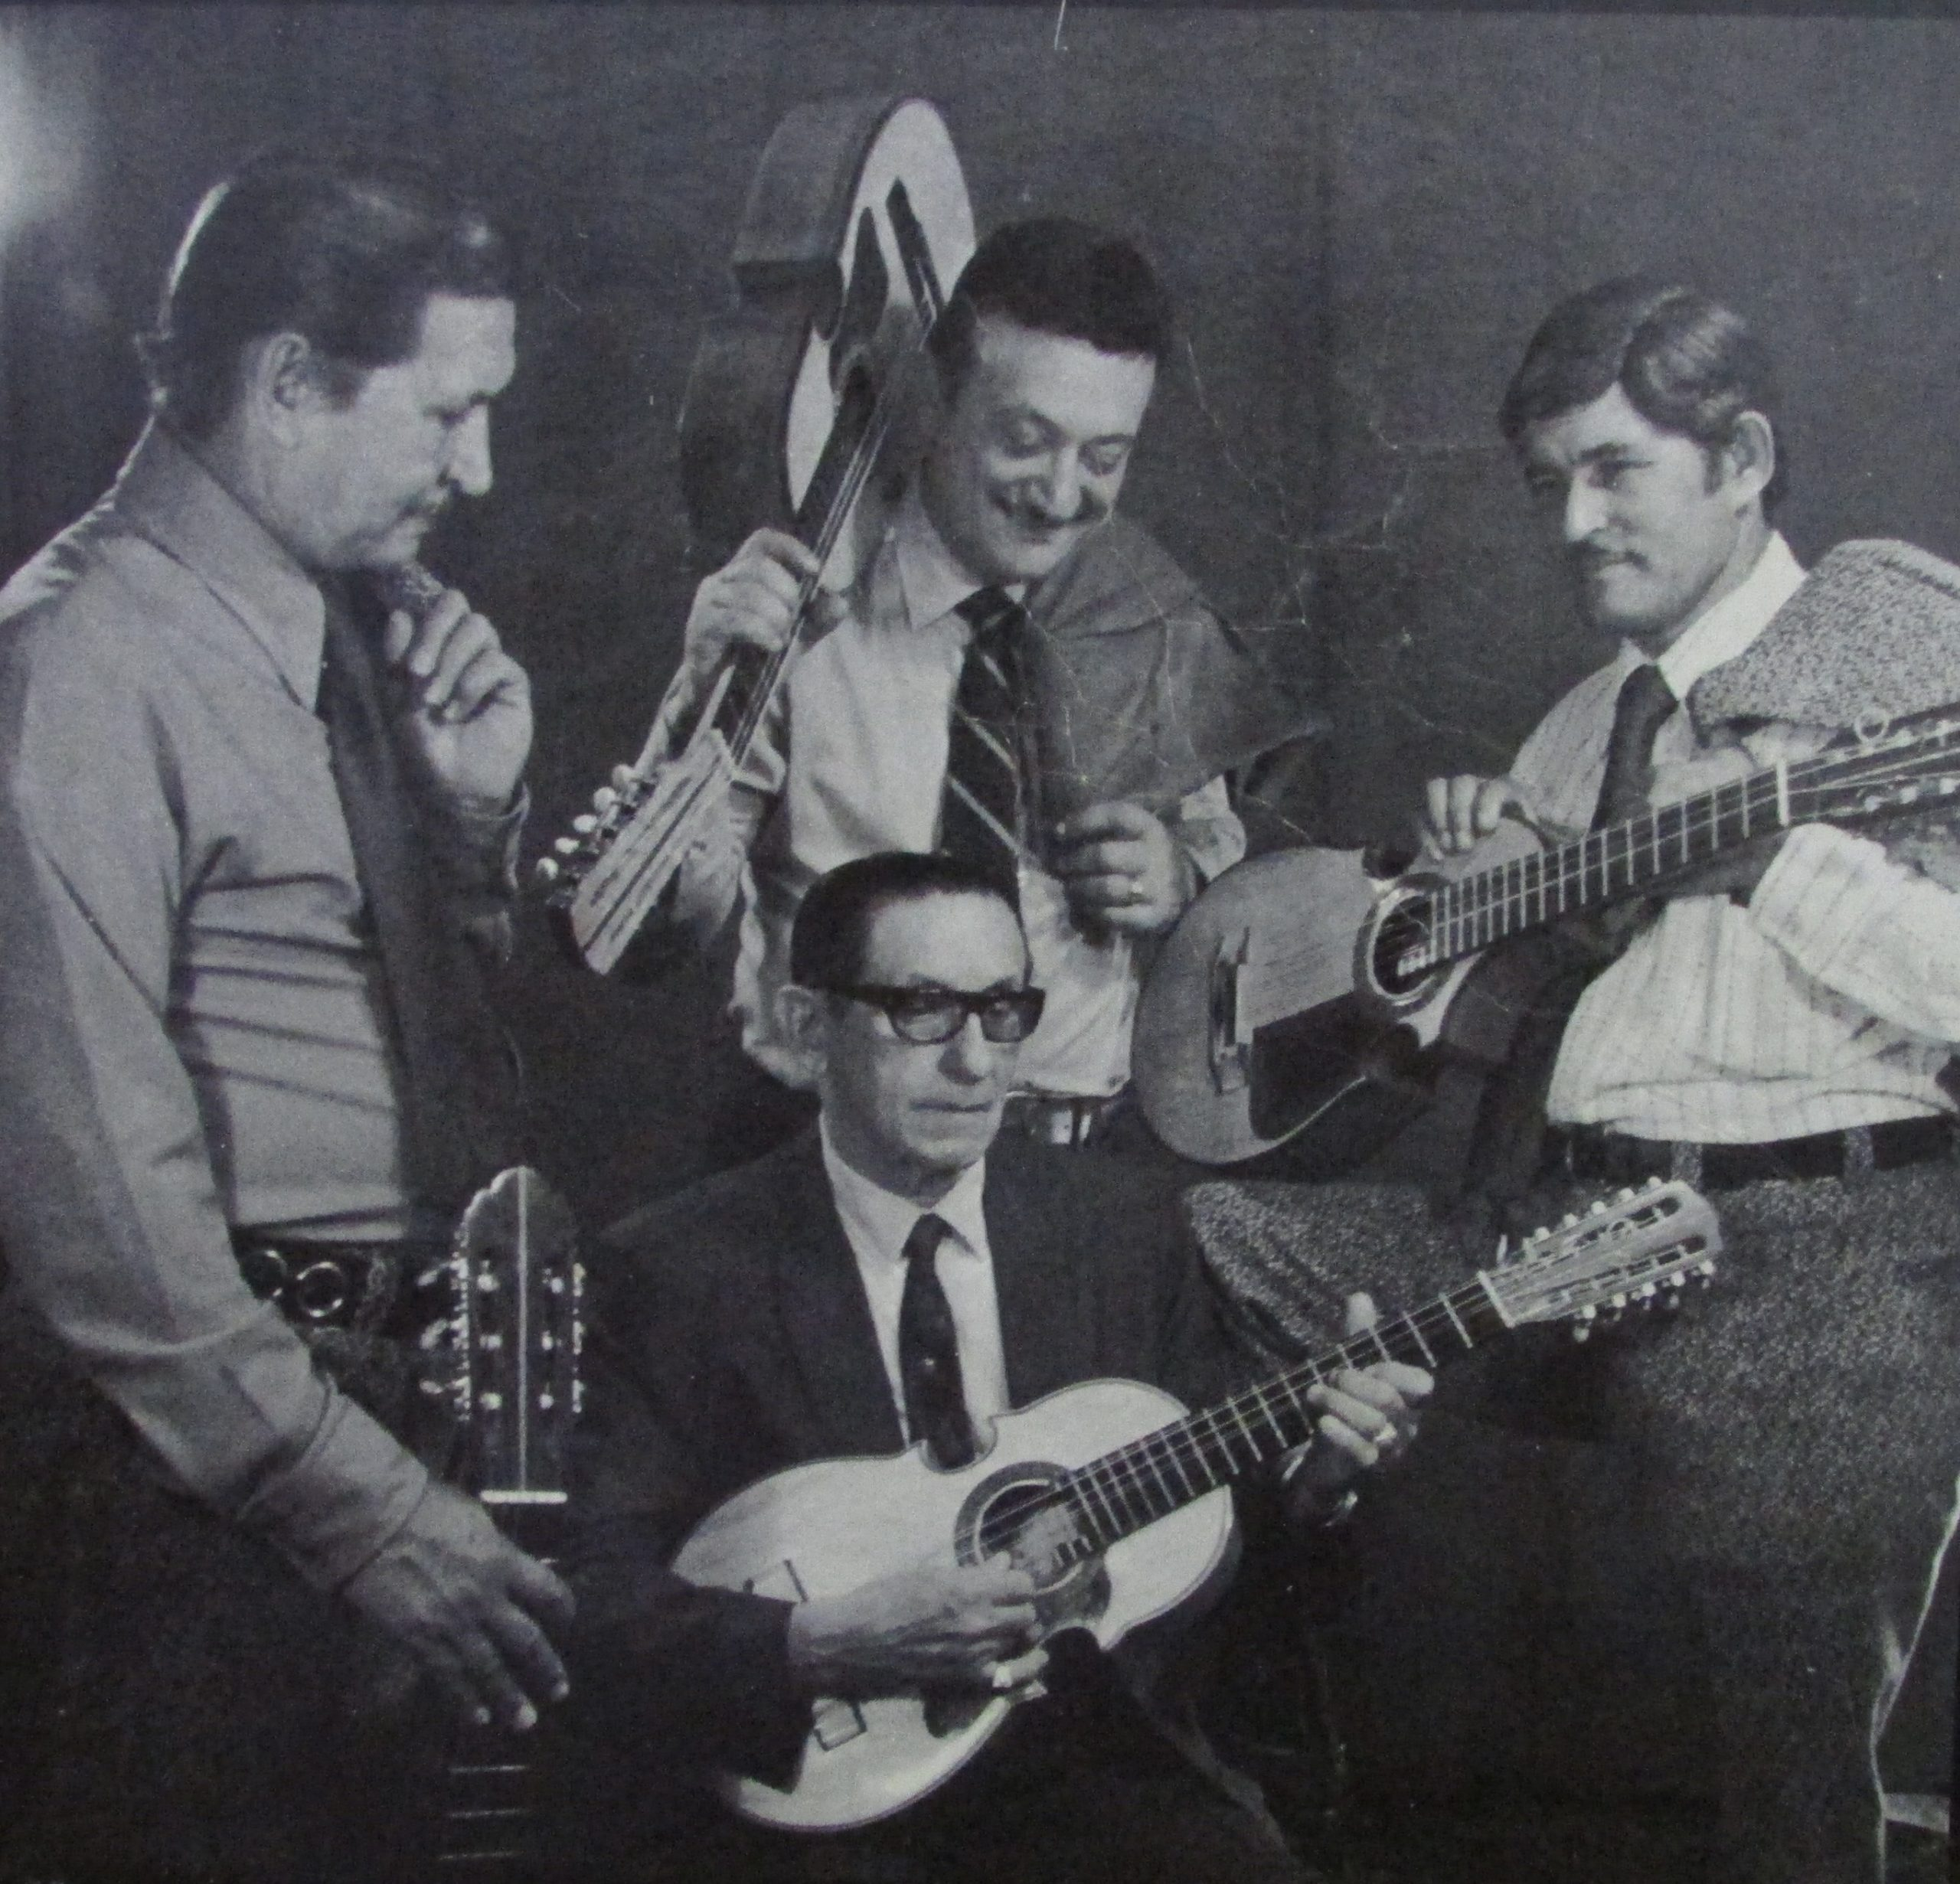 Su paso por el conjunto dirigido por su tío Ladislao Martínez (Ladí) es atesorado con nostalgia por Polo Ocasio. (archivo Fundación Nacional para la Cultura Popular)